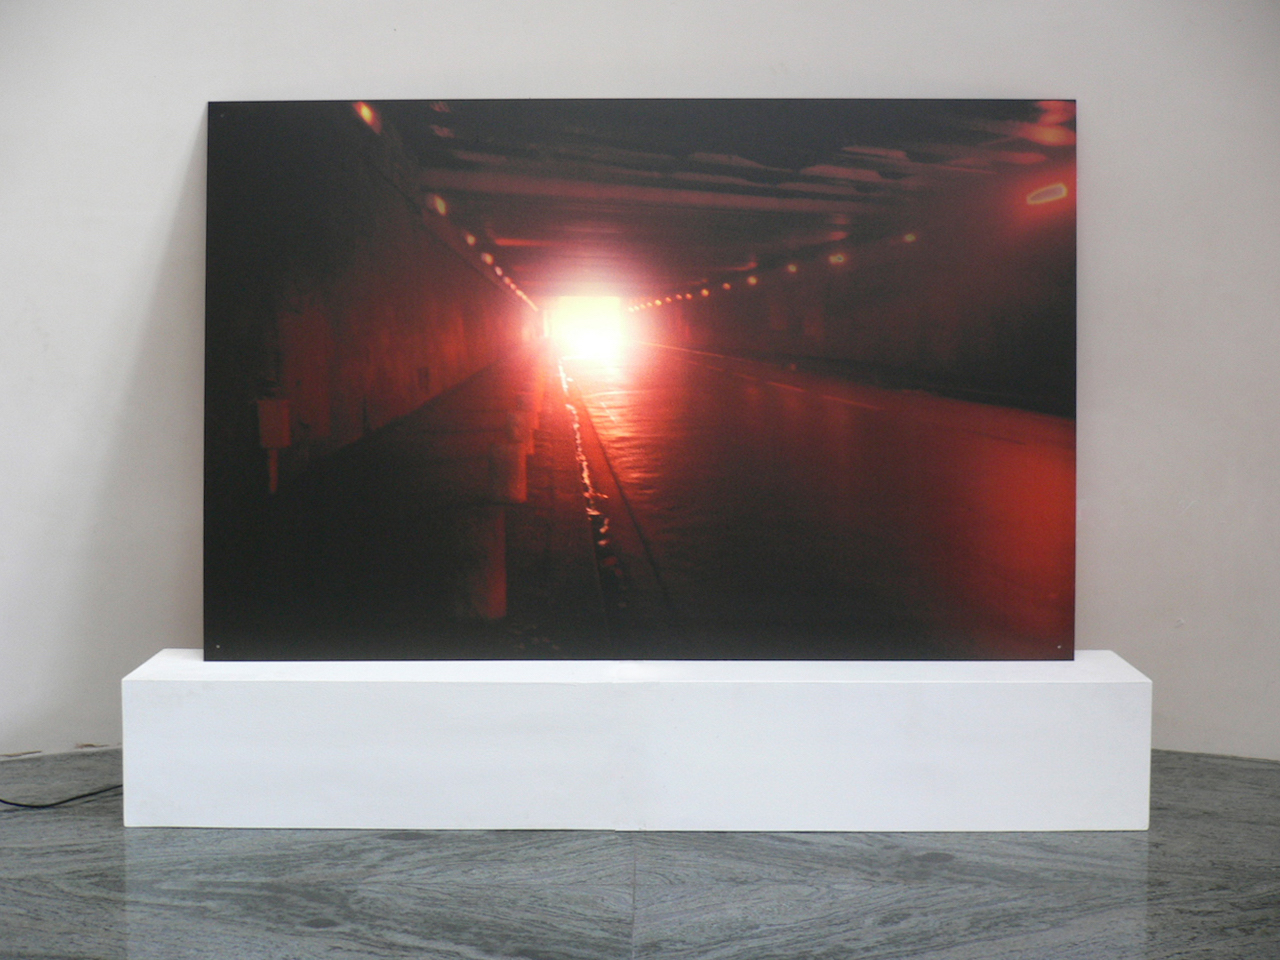 Centre culturel A.Malraux-La dimension cachée-Le kremlin Bicetre-2007-3.JPG